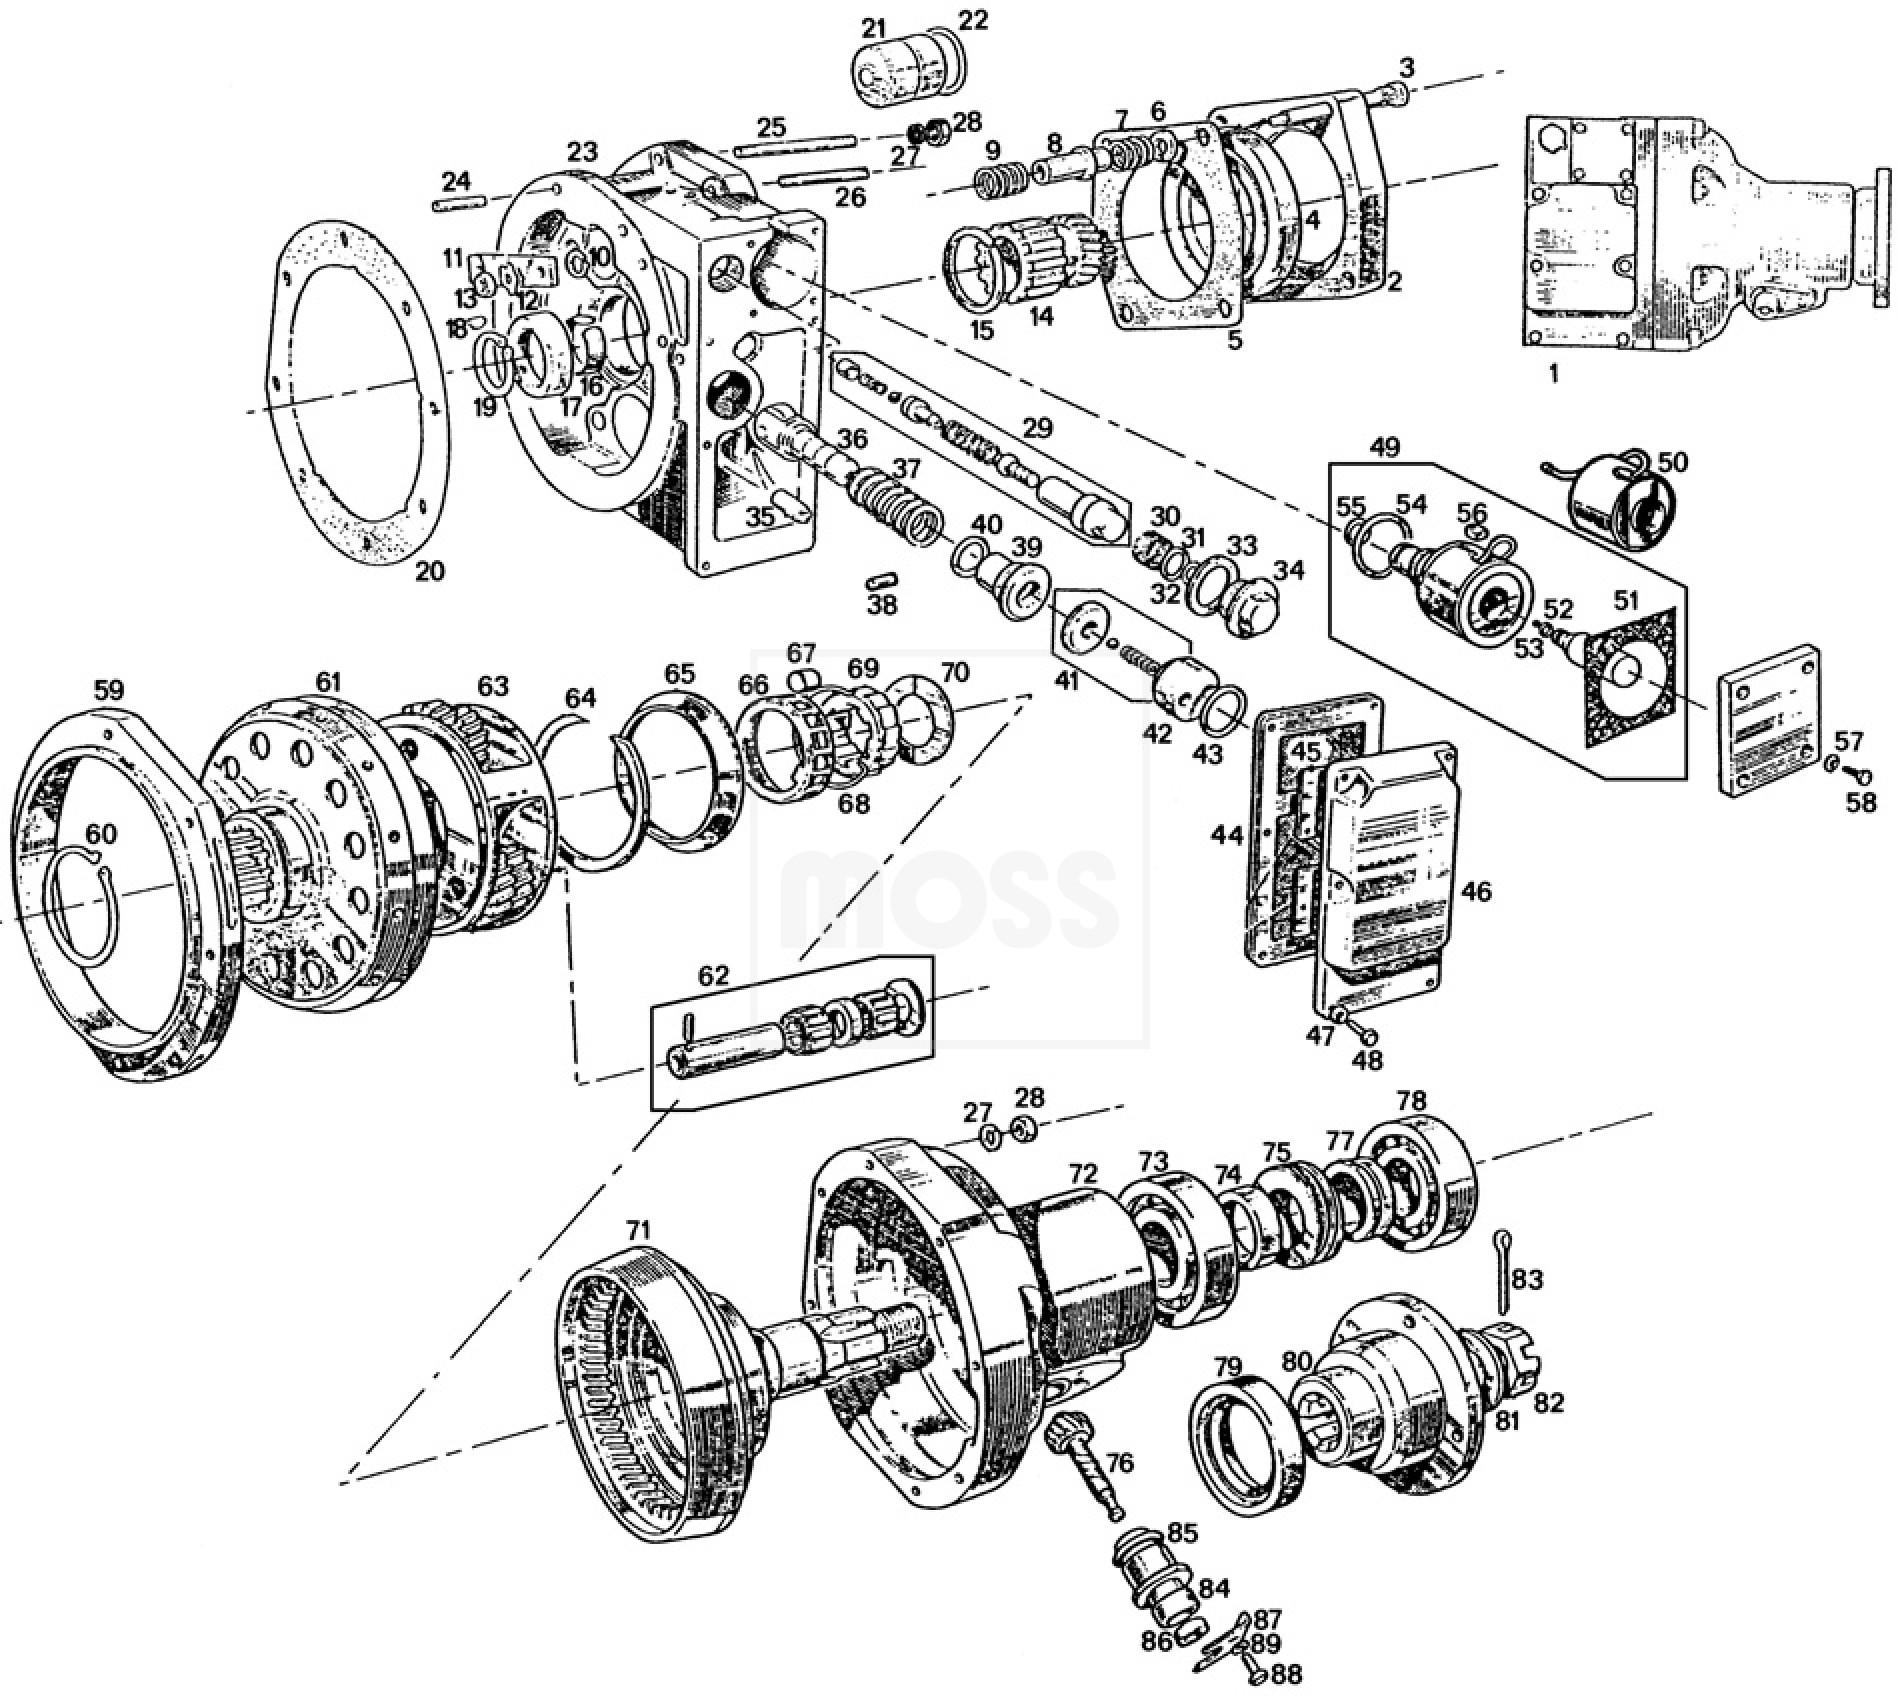 overdrive units  u0026 components  4 synchro